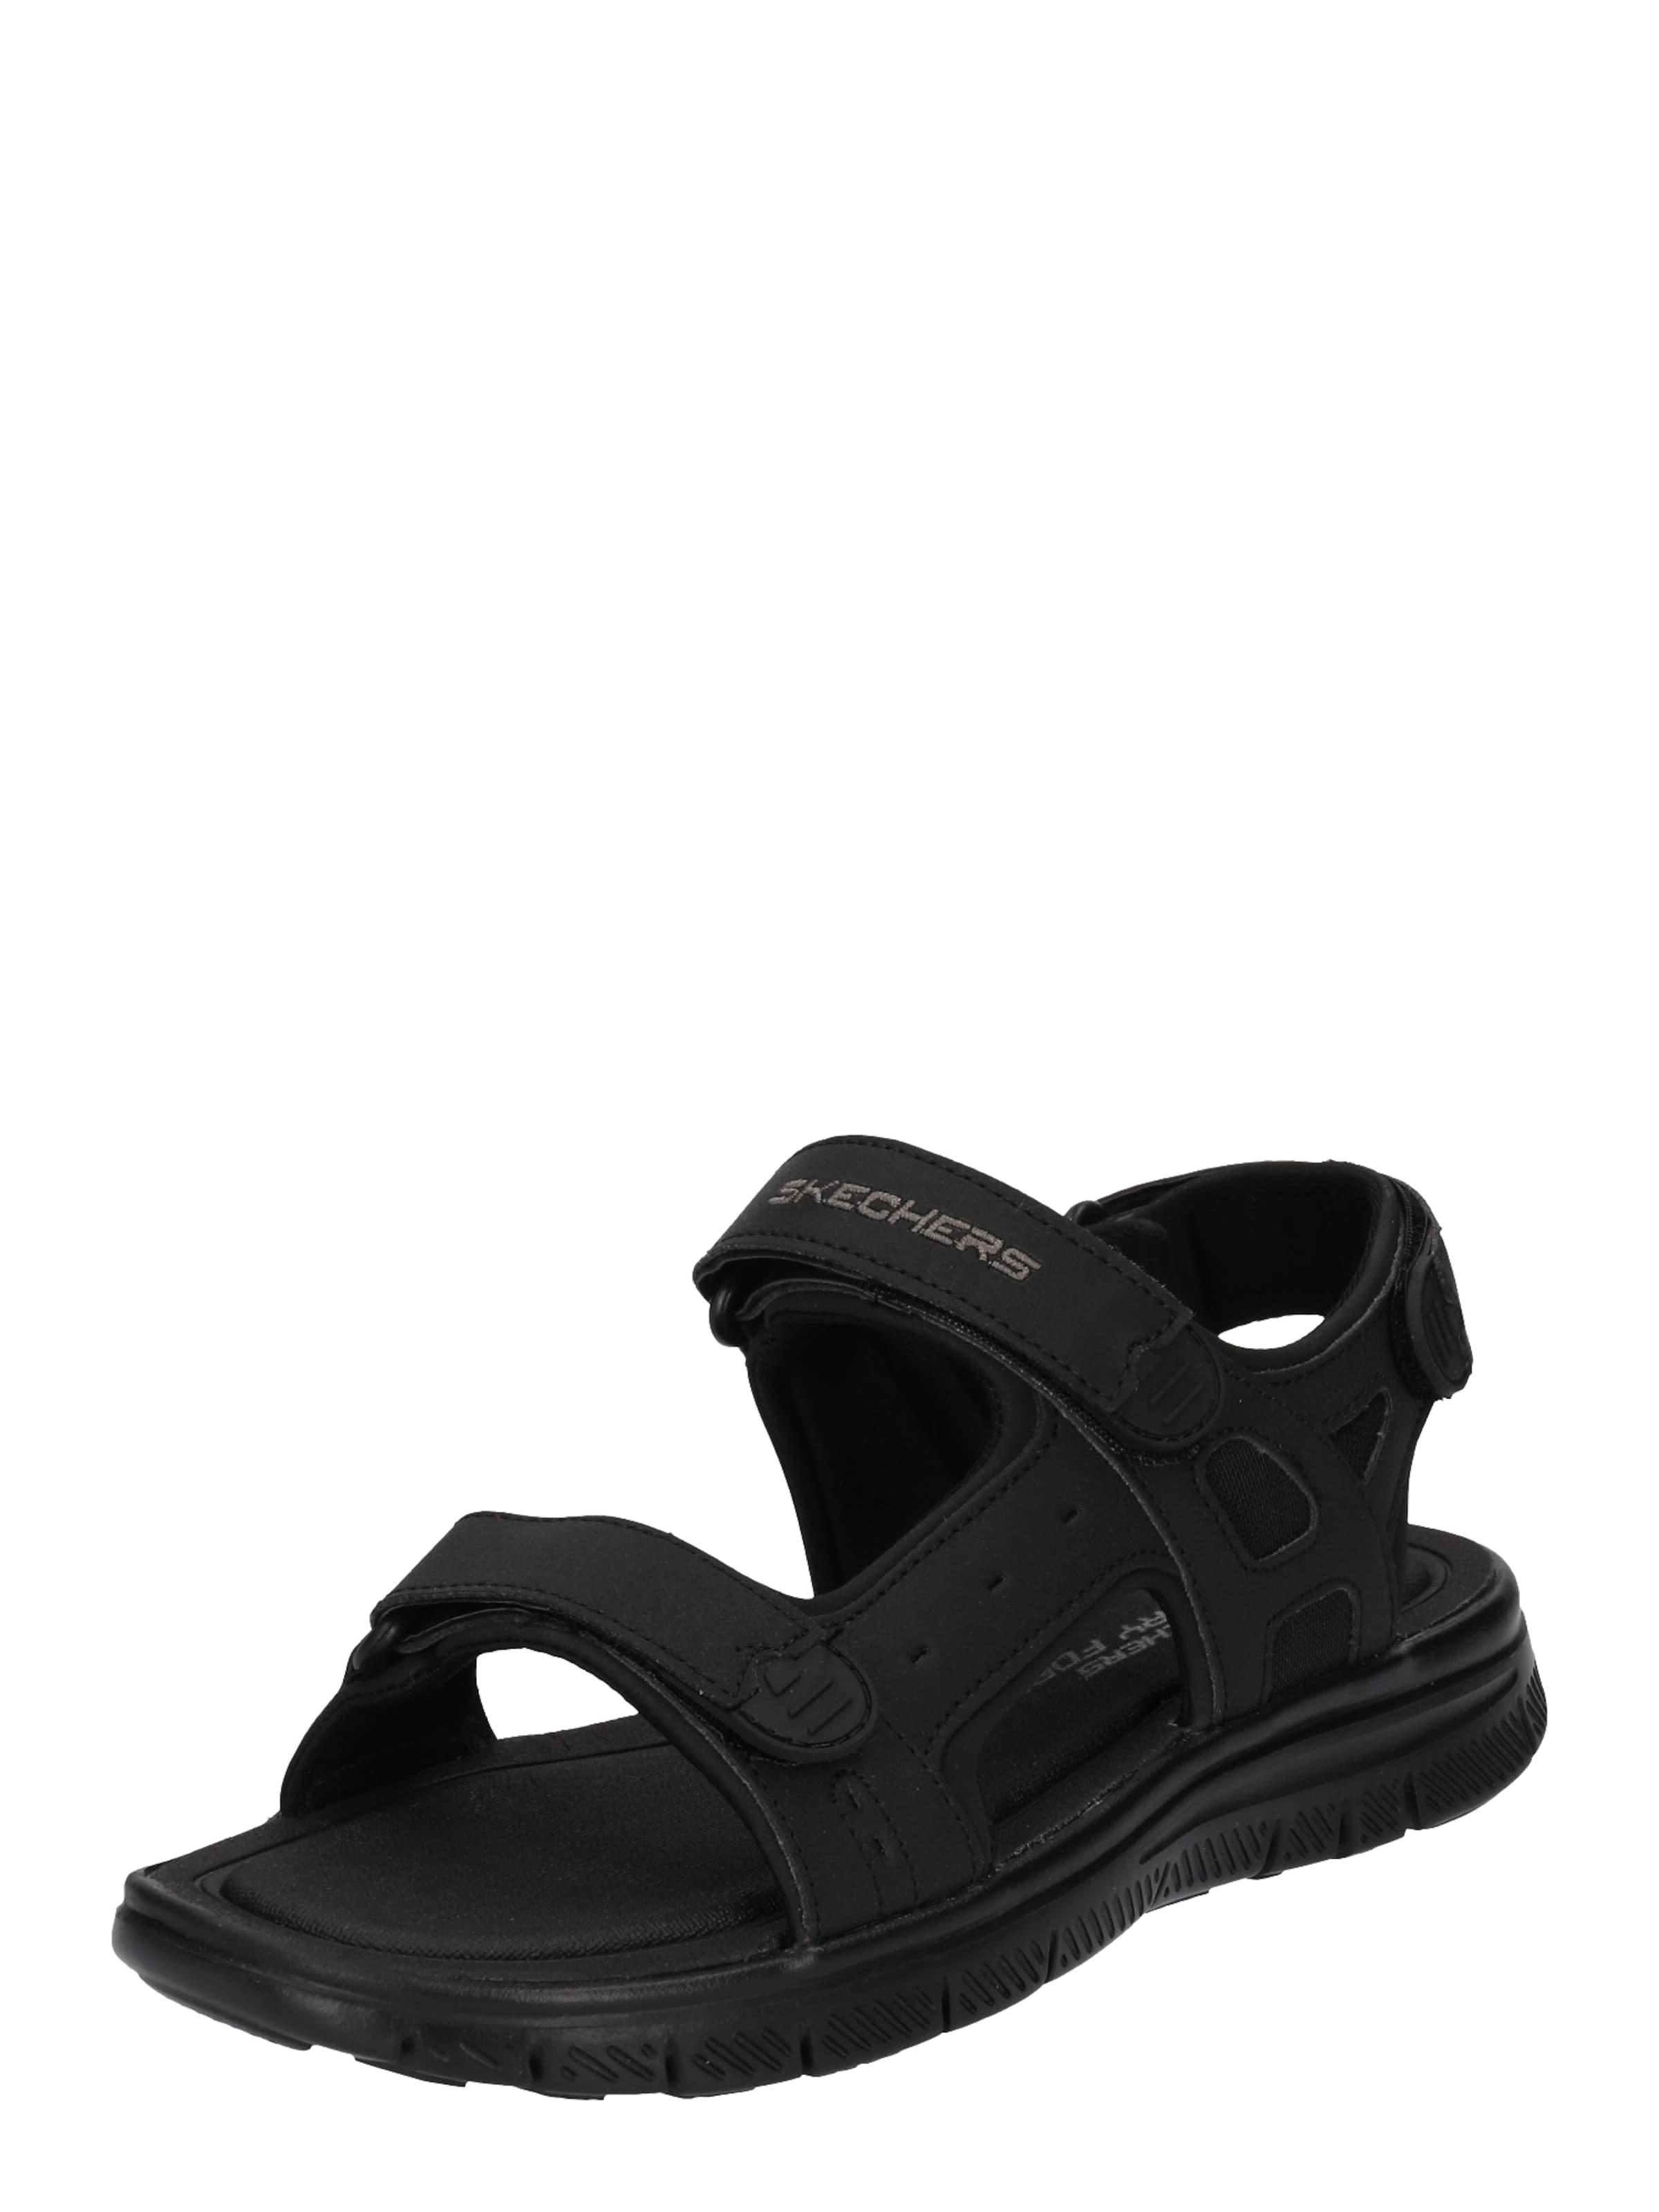 SKECHERS | Sandale mit verstellbaren Riemen Schuhe Gut getragene Schuhe